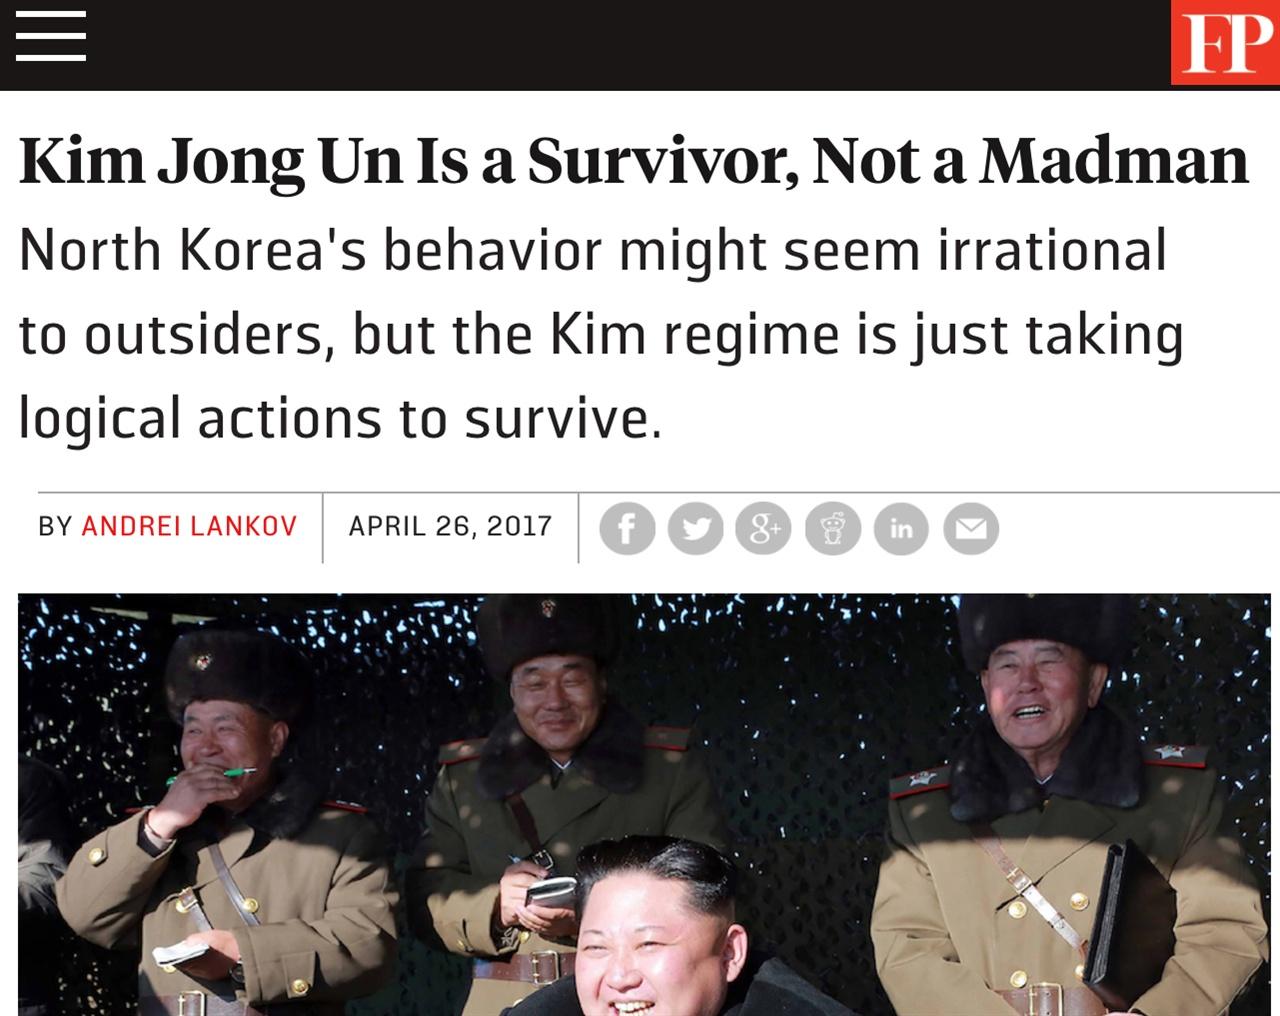 '북한의 행동은 생존을 위한 논리적인 선택.' <포린폴린시>는 북한을 '미치광이' 취급하는 것은 매우 큰 오해라는 점을 강조한다